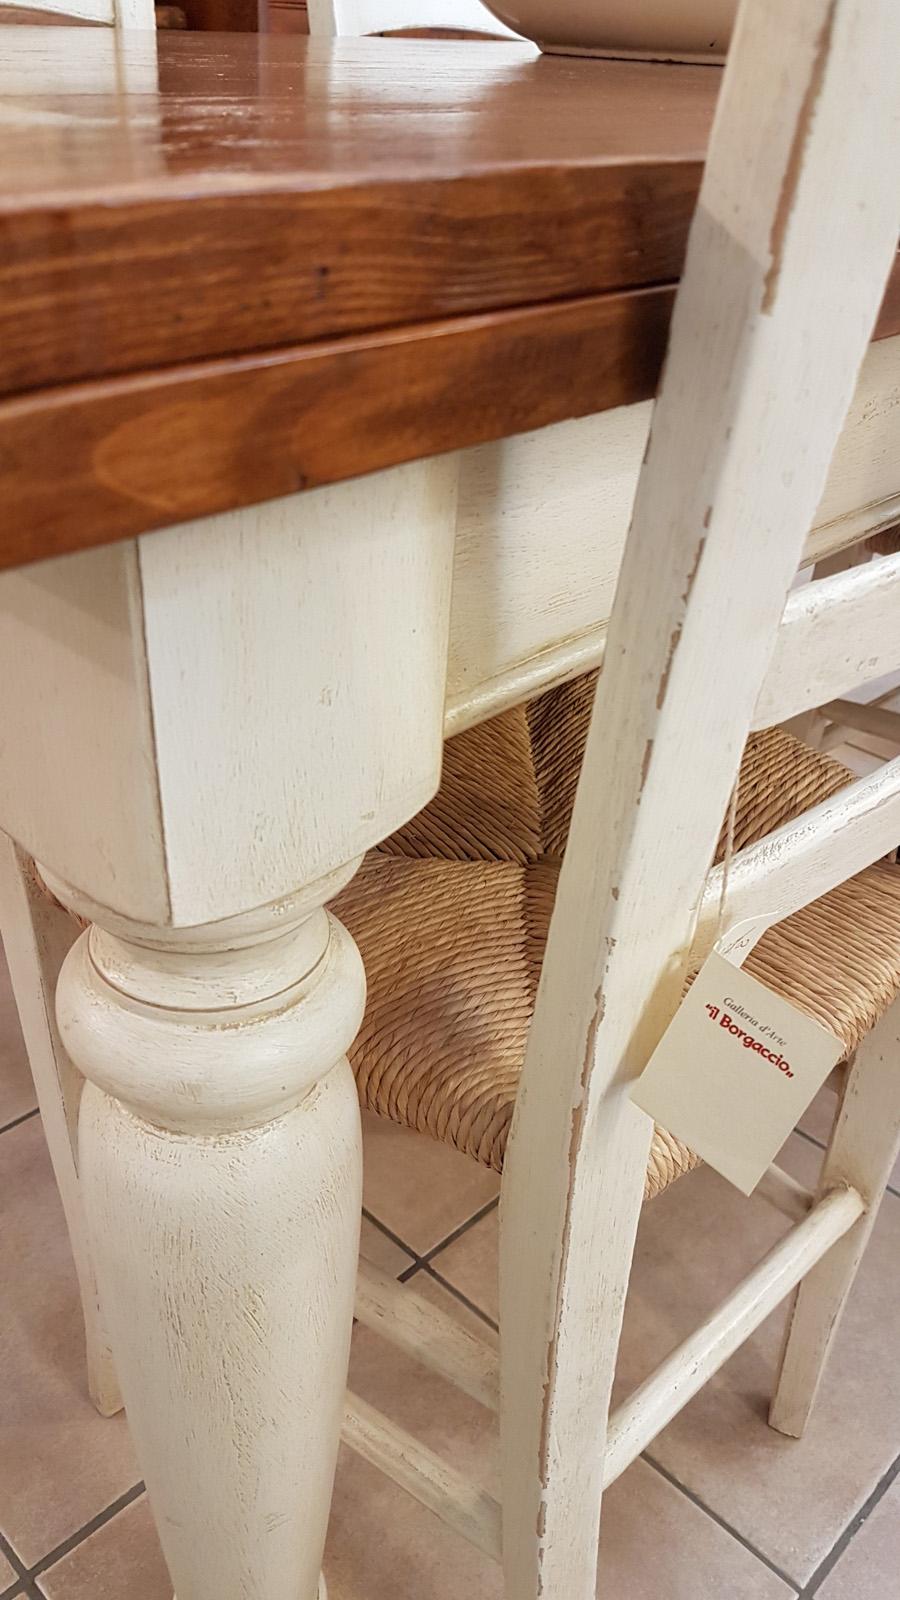 Tavoli in legno vecchio great awesome tavoli antichi da - Tavoli in legno vecchio ...